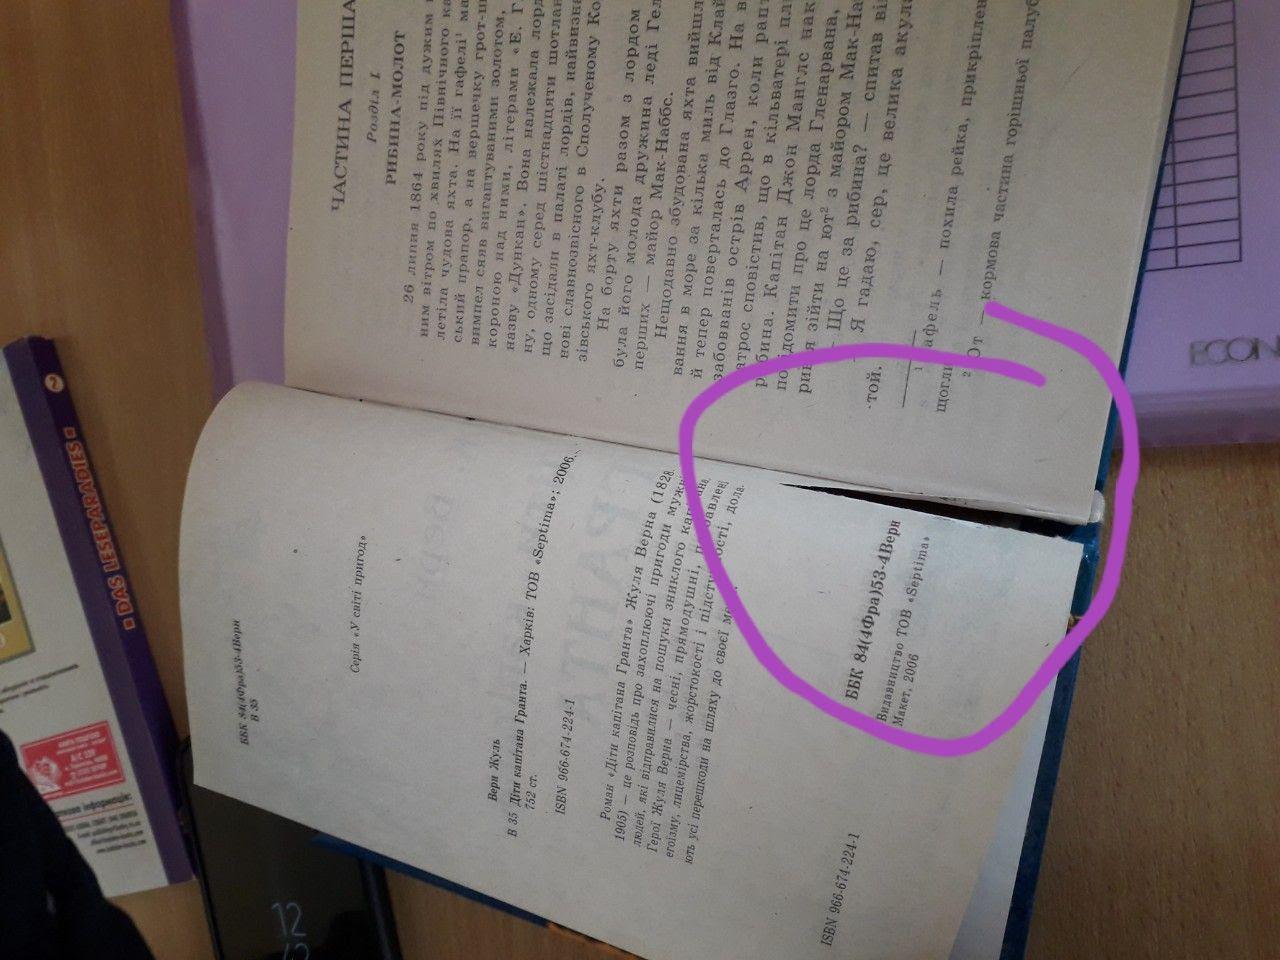 Черговий конфлікт у Кривецькому НВК: батьки звинувачують Управління освіти Богородчанської РДА у закупівлі книжок незадовільної якості та за завищеними цінами 2